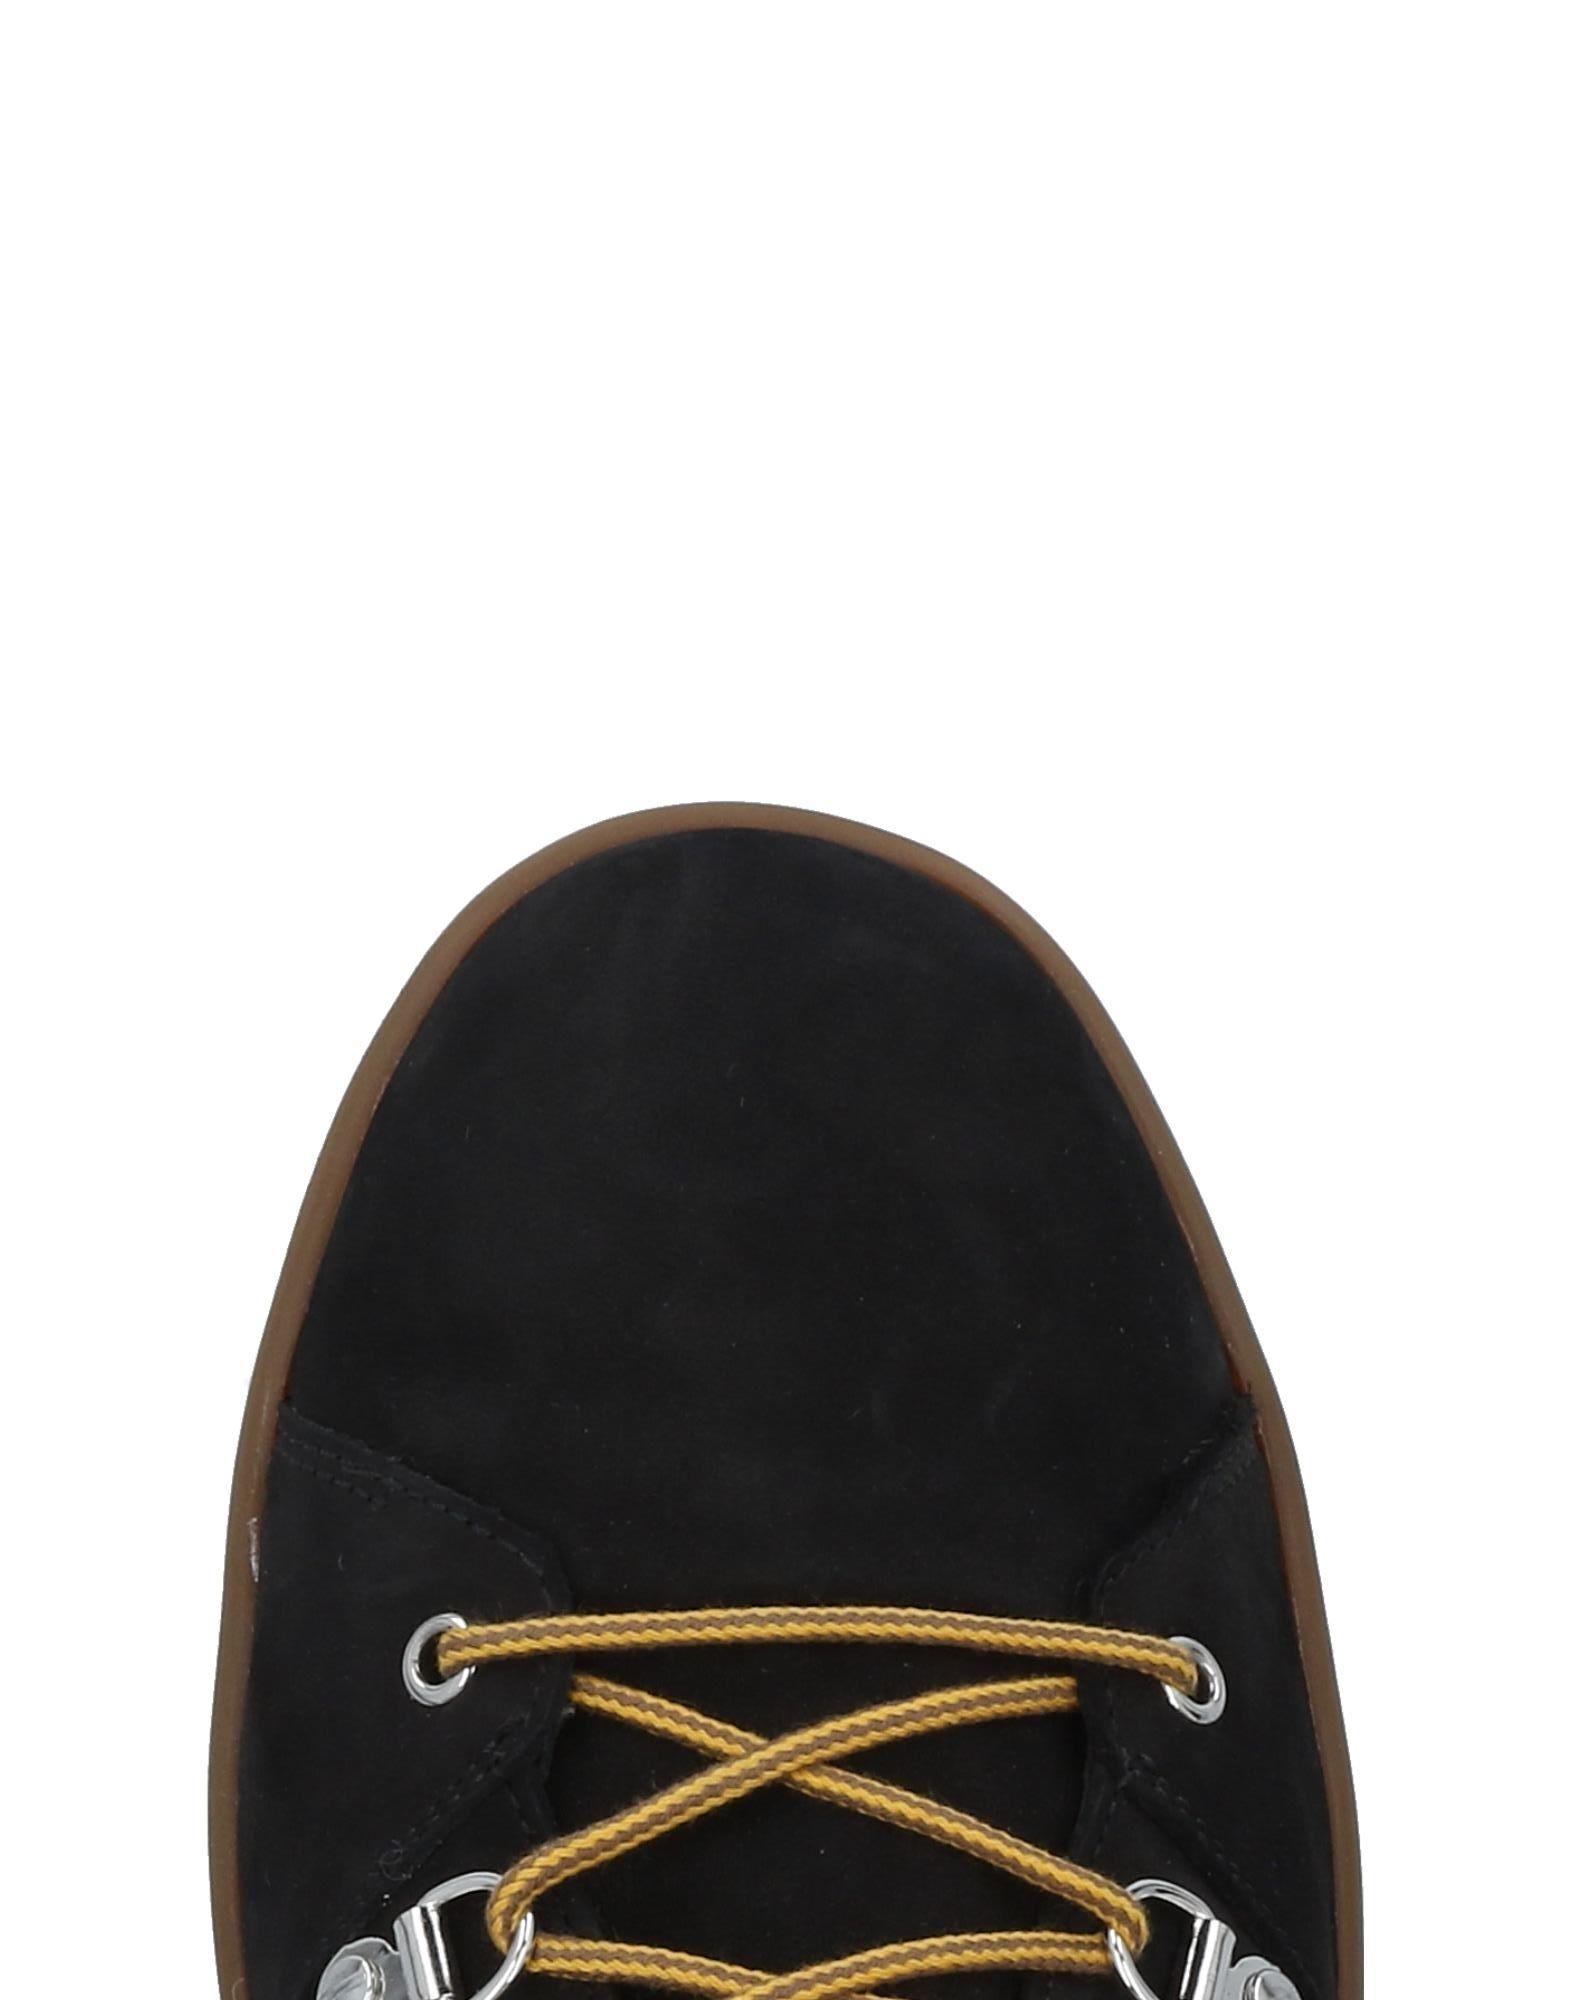 Moschino Moschino  Sneakers Herren  11492468TF 15aa8b